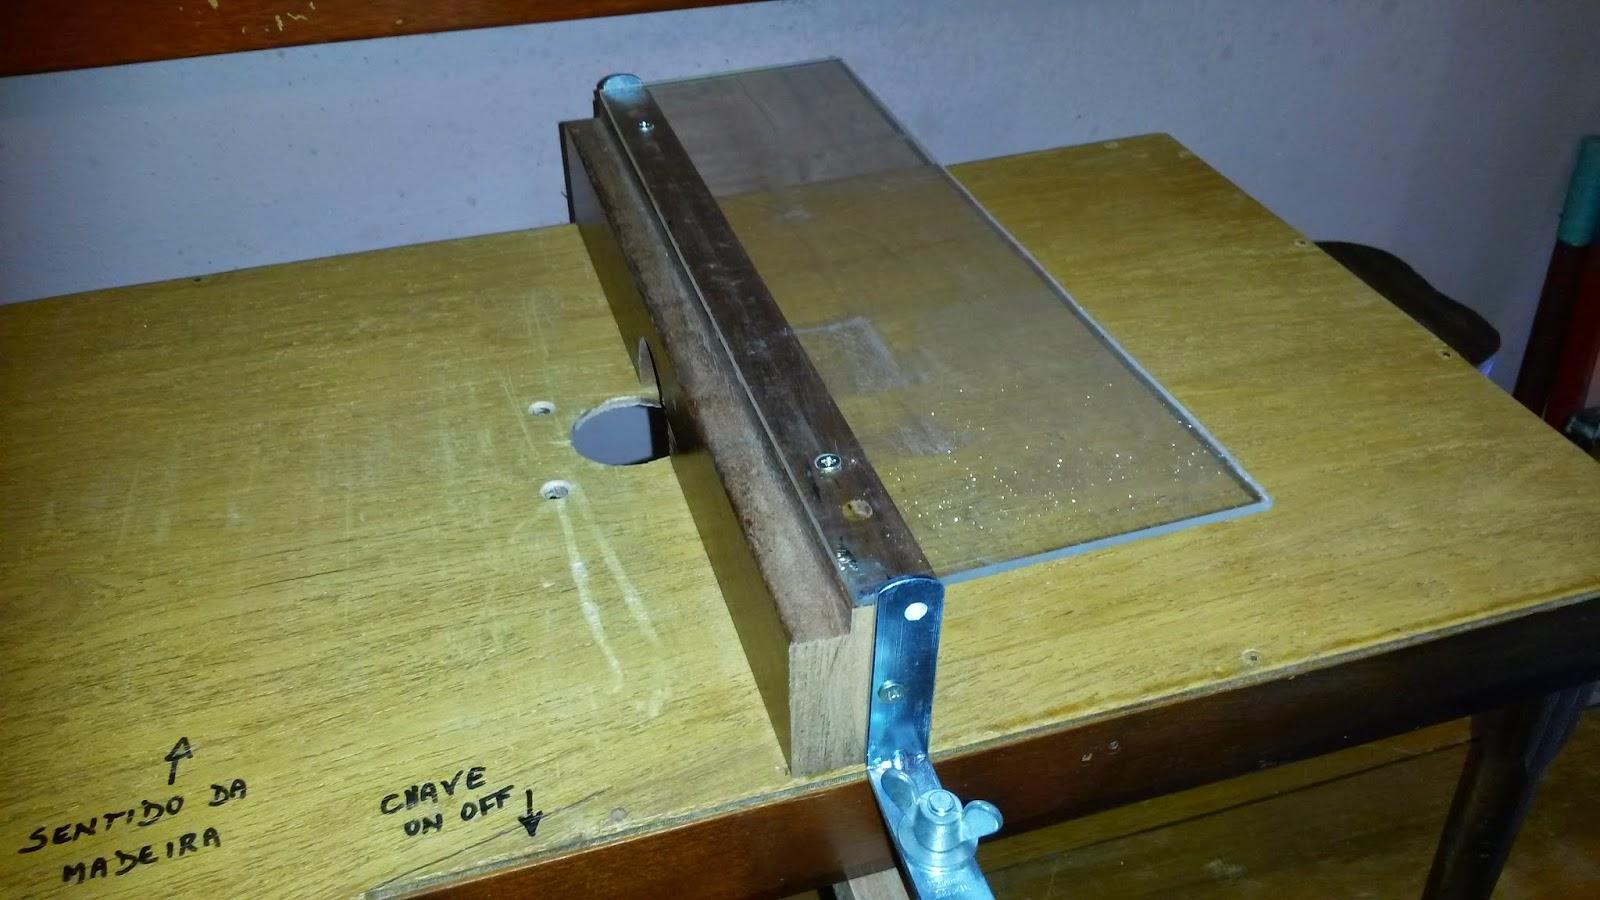 Oficina do Quintal: Como fazer uma bancada para tupia Parte III #2186AA 1600x900